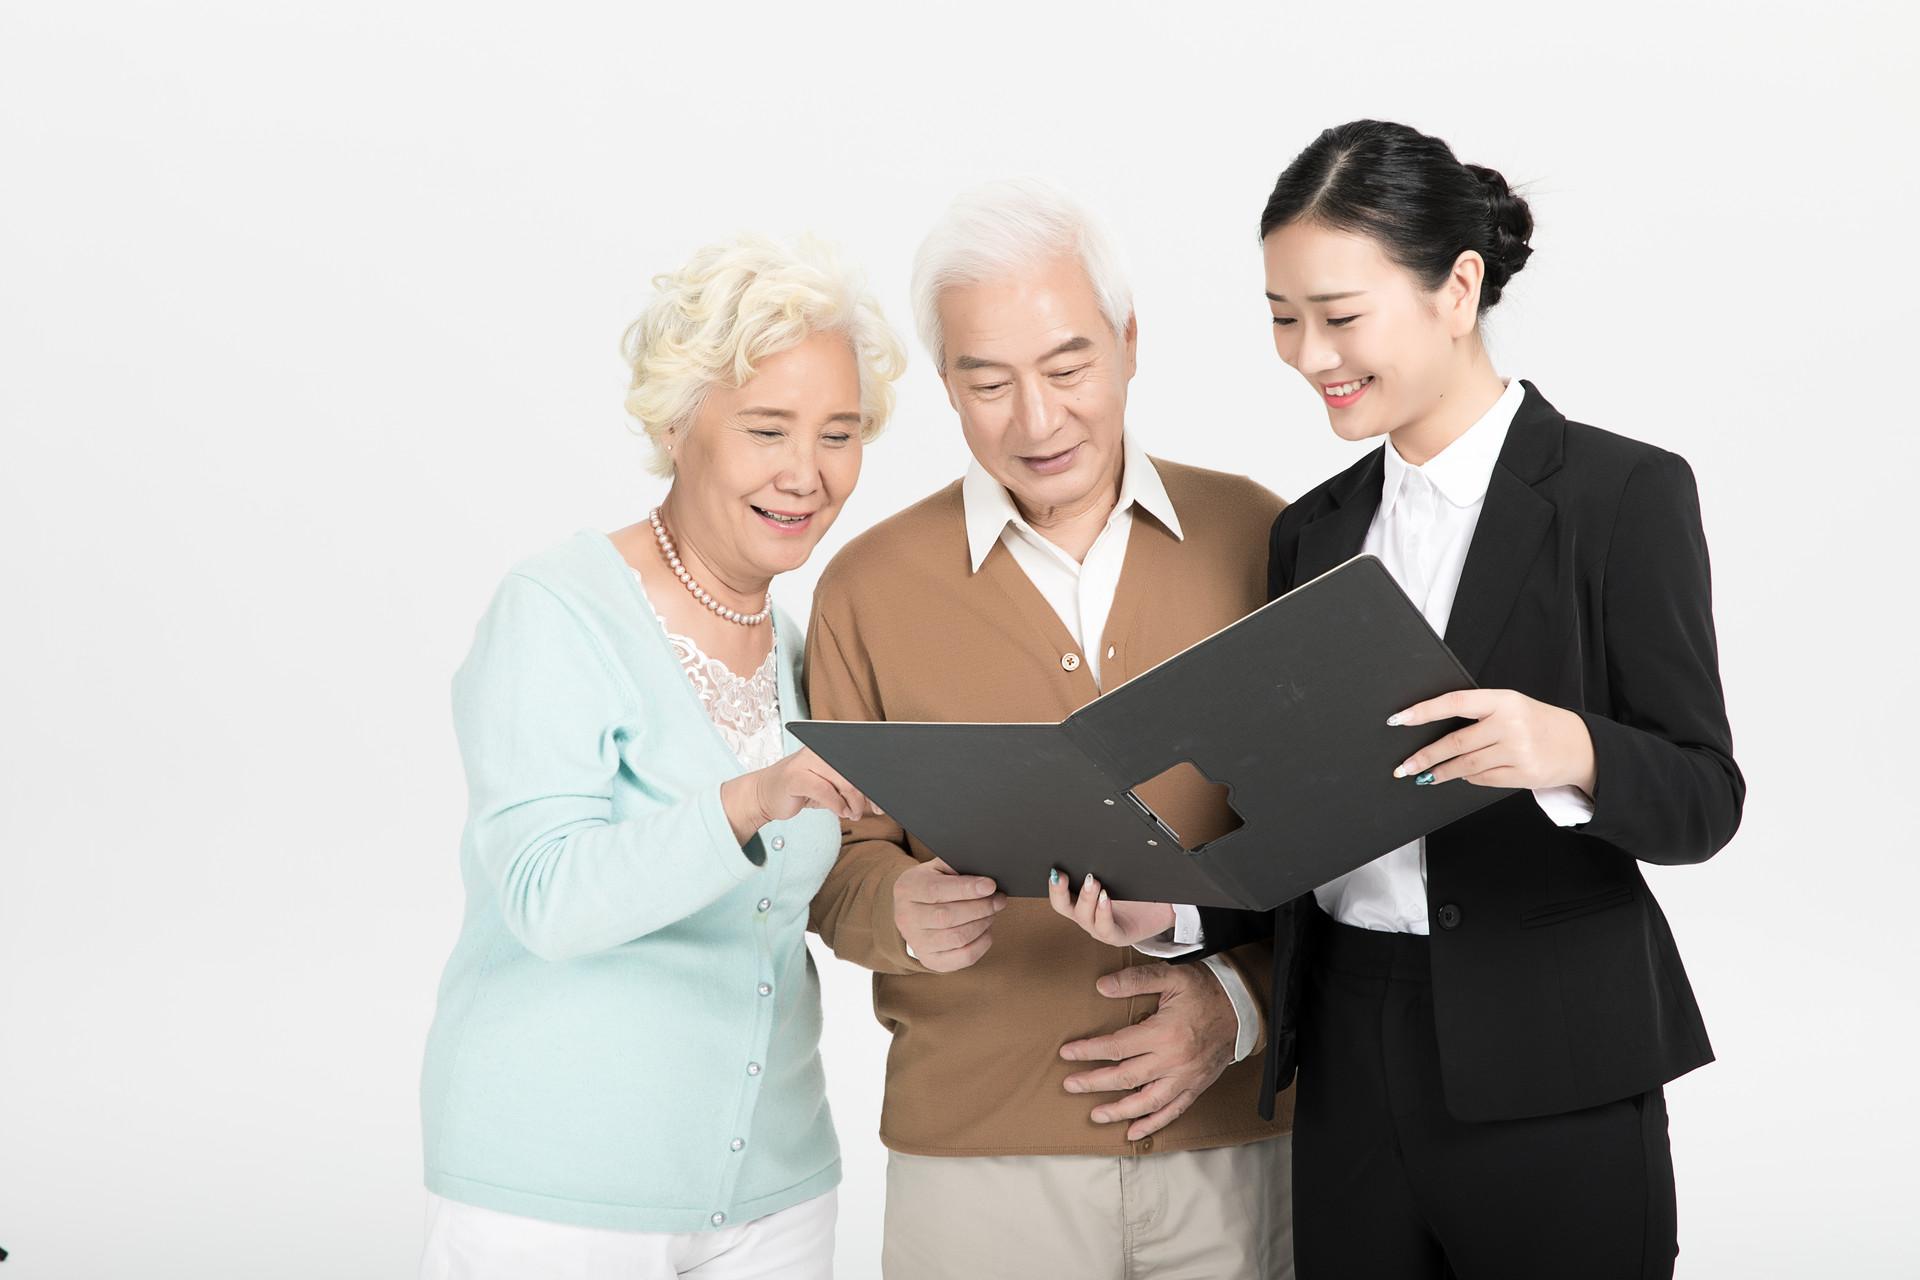 养老保险可以取出来吗,养老保险停缴后该怎么续缴